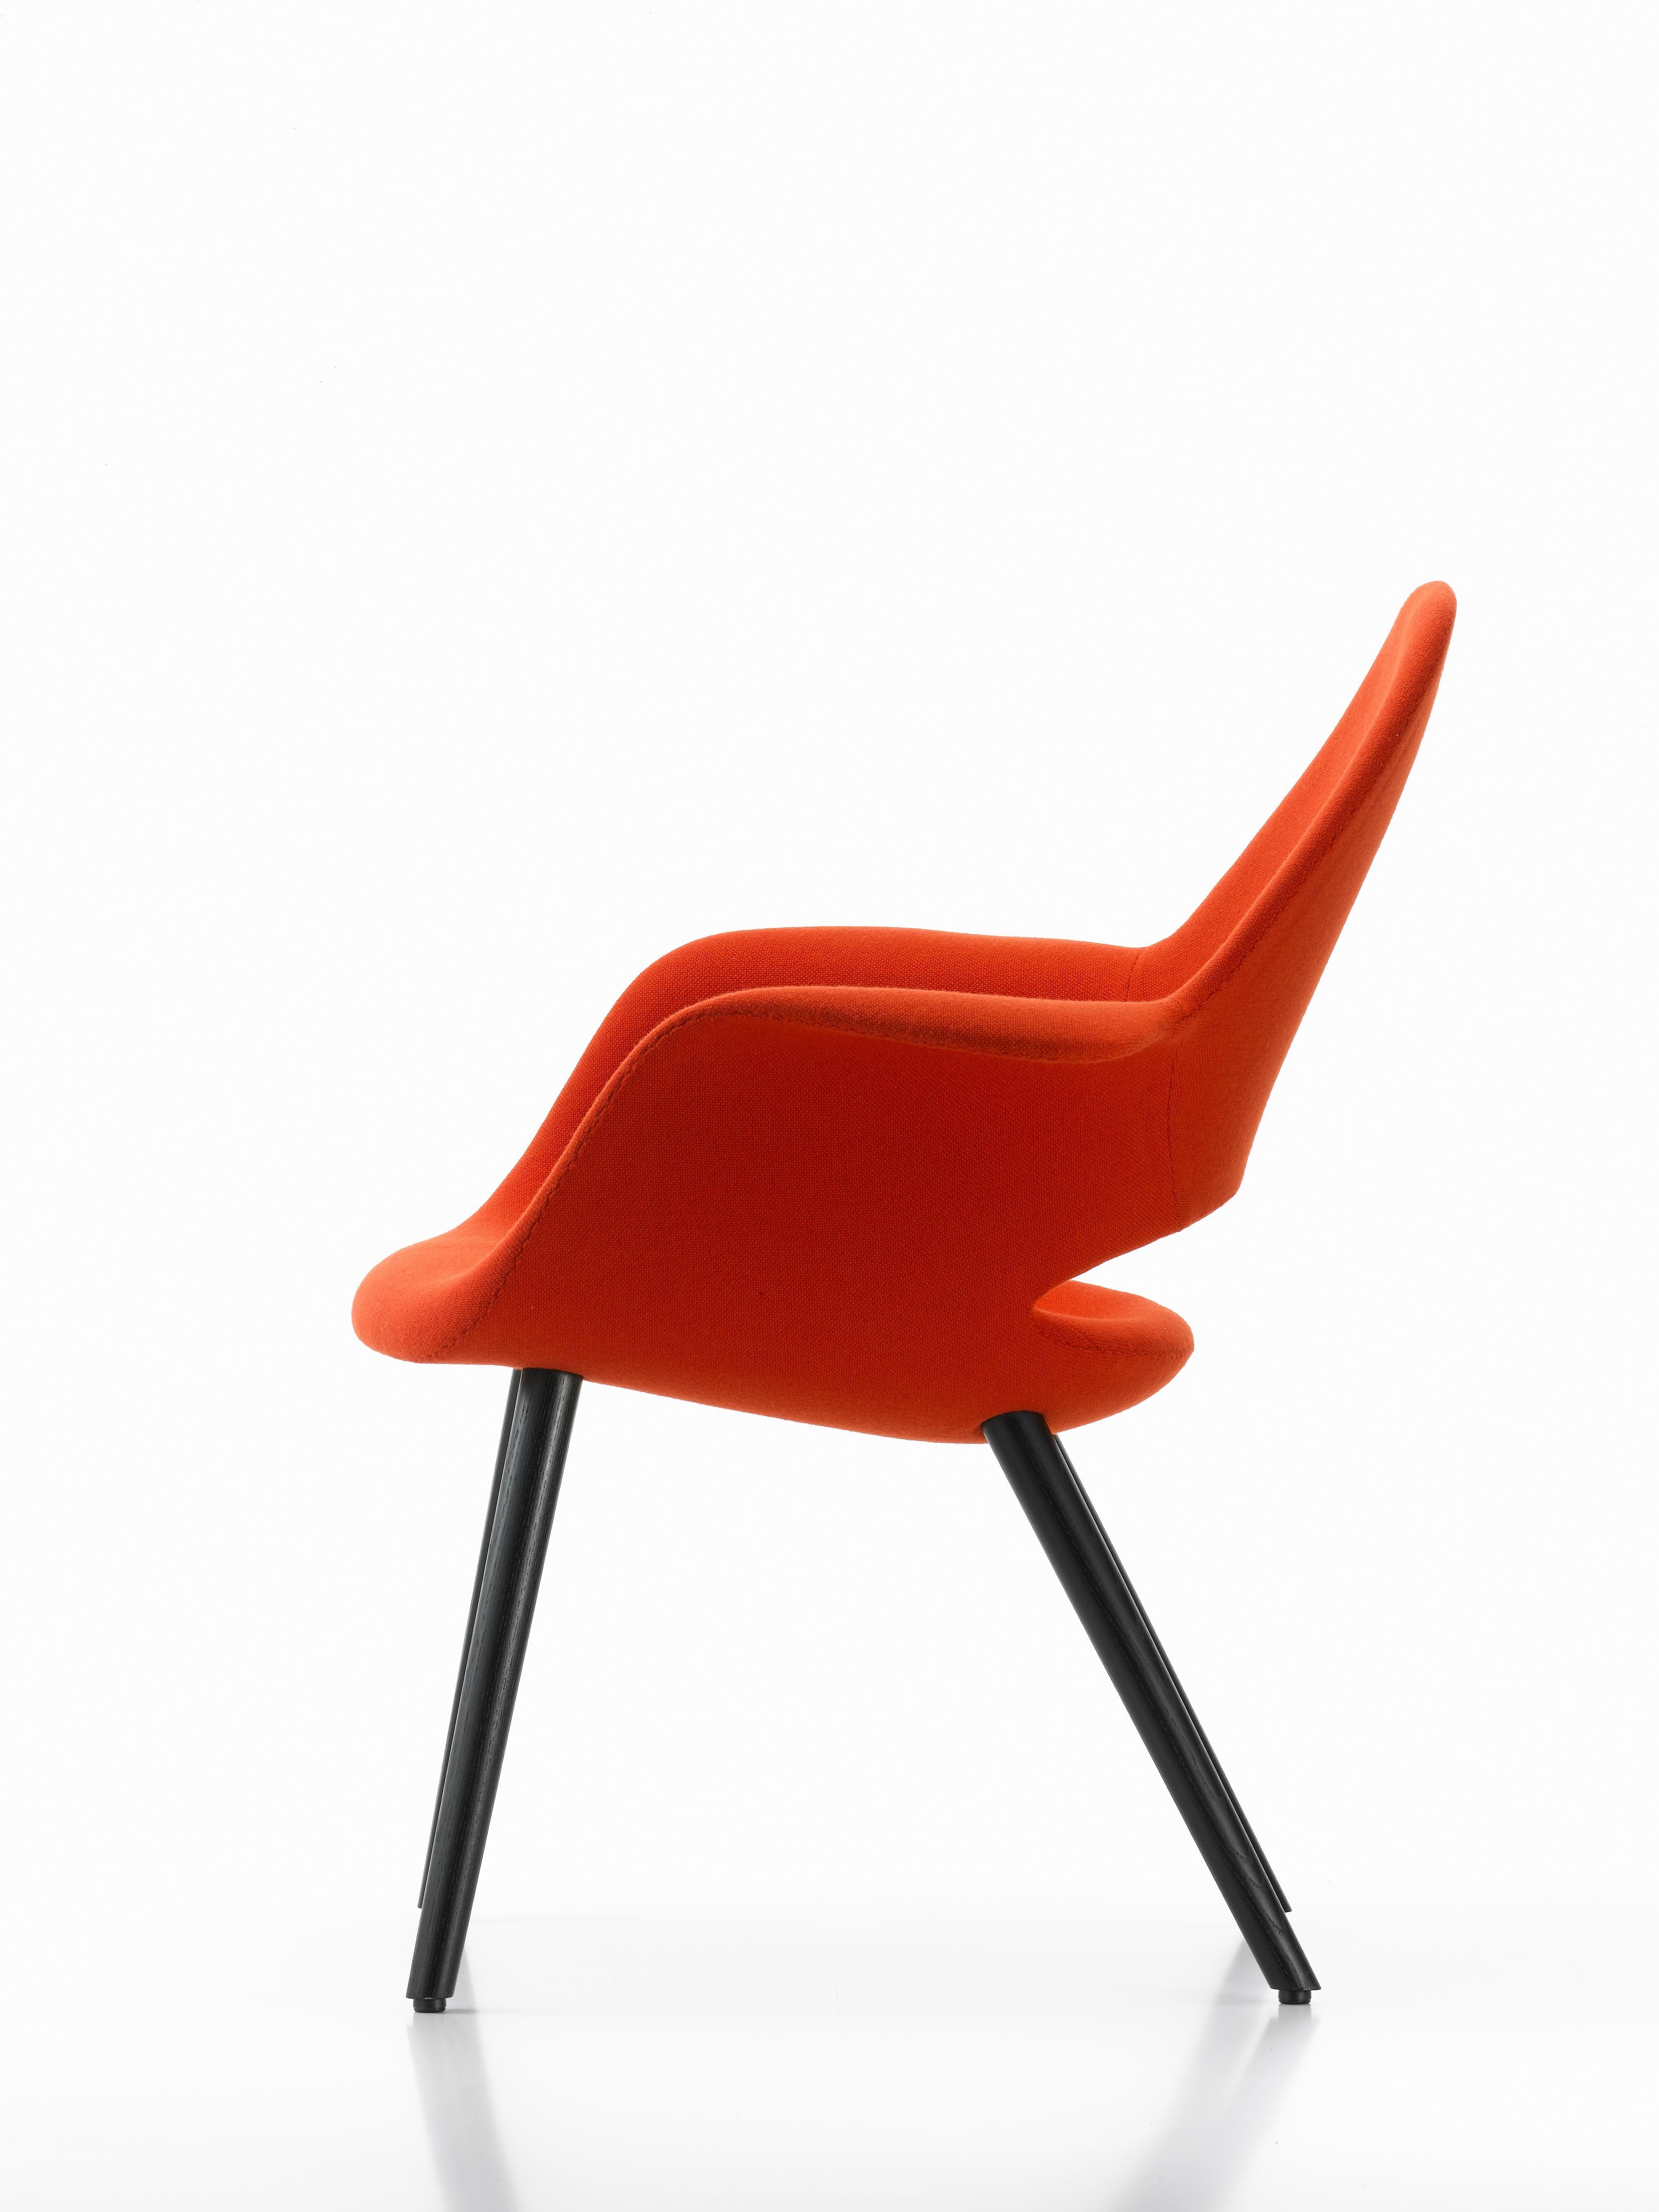 Eames Eero Vitra Black Red Chair Hopsackamp; Saarinen In Charles Ash Organic By OXuZkiPT